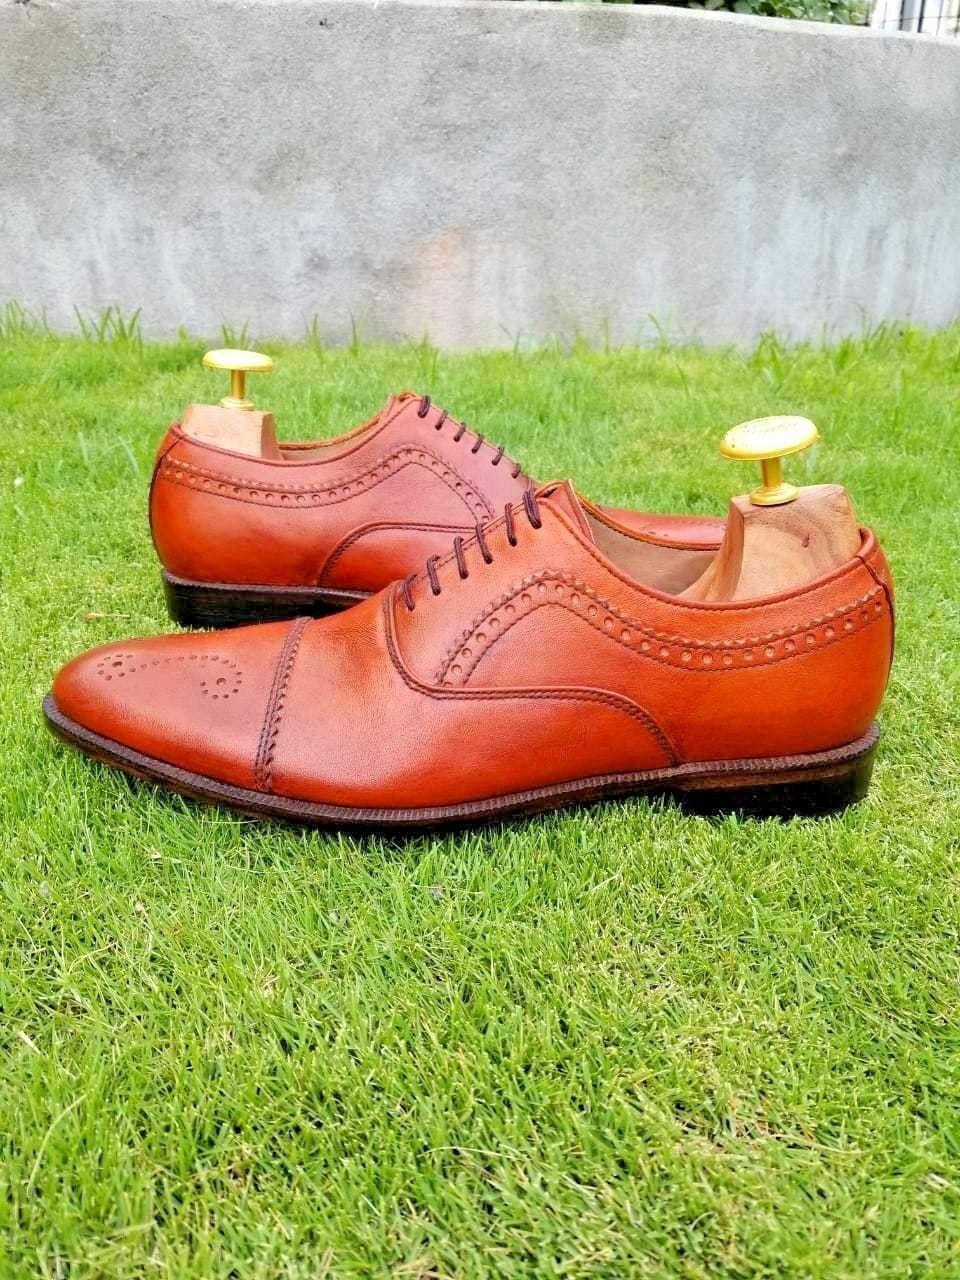 Hombres hecho a mano Bronceado puntera Oxford Brogue formal Vestido Caballero de Moda Zapato